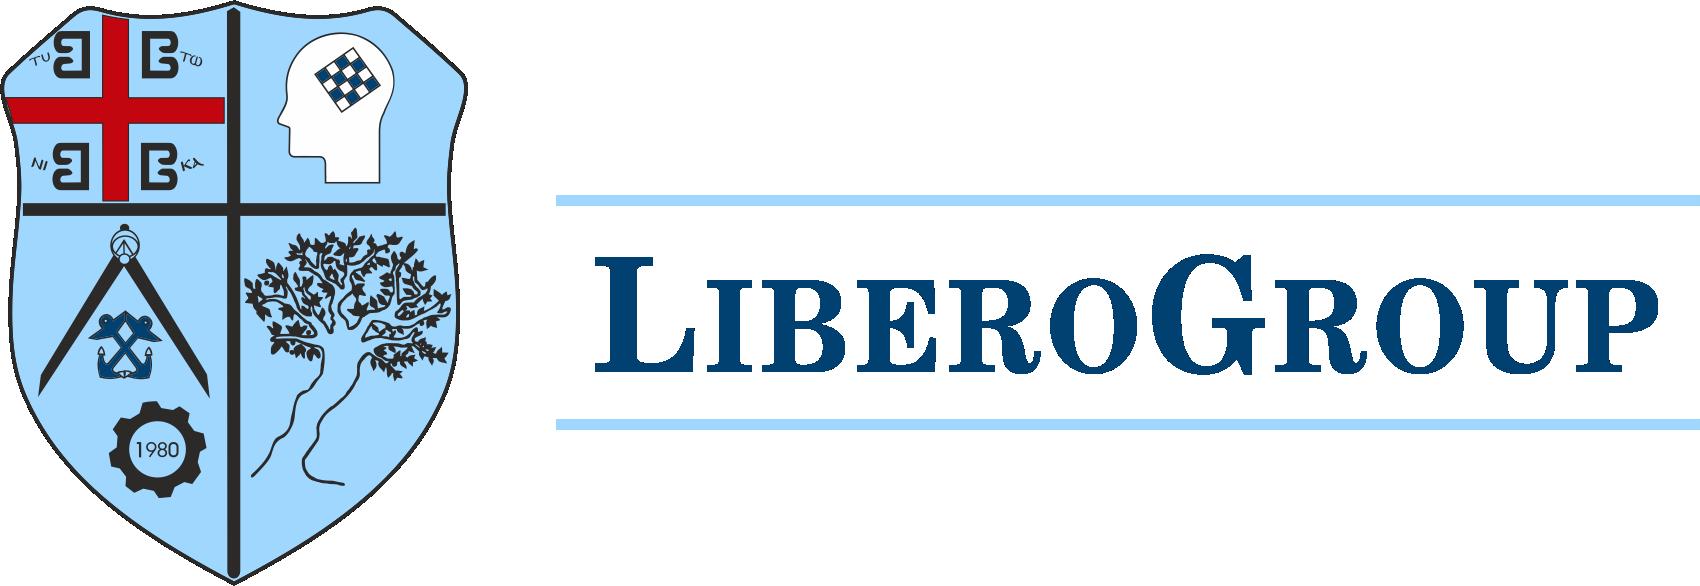 Λυμπερόπουλος Υπηρεσίες και Εργασίες ΕΠΕ